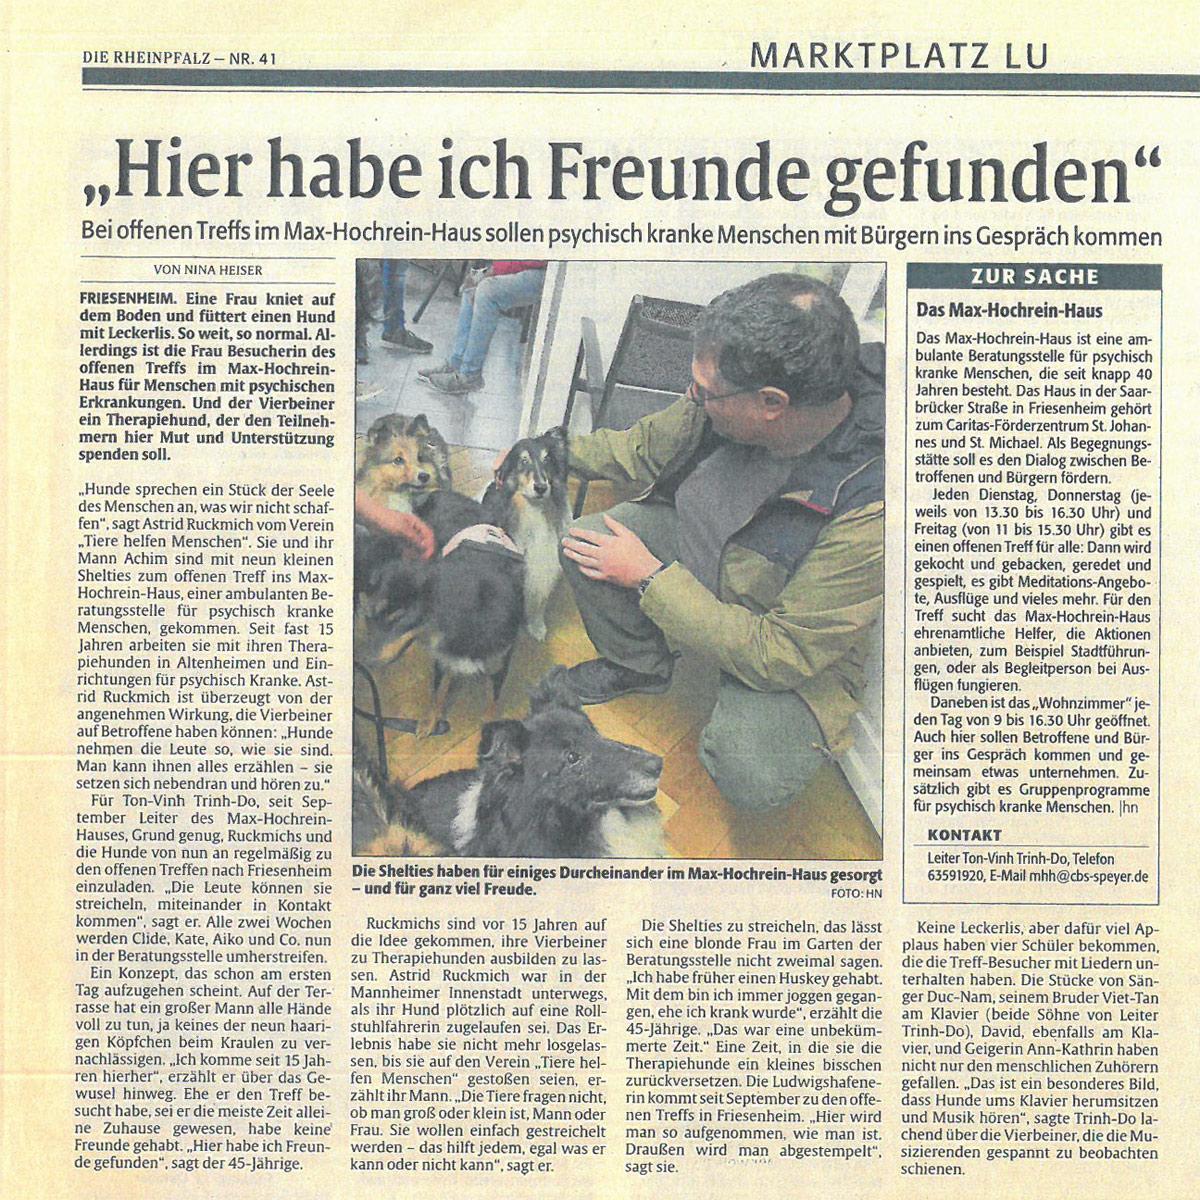 die-rheinpfalz_friesenheim_Artikel_2017-11-10